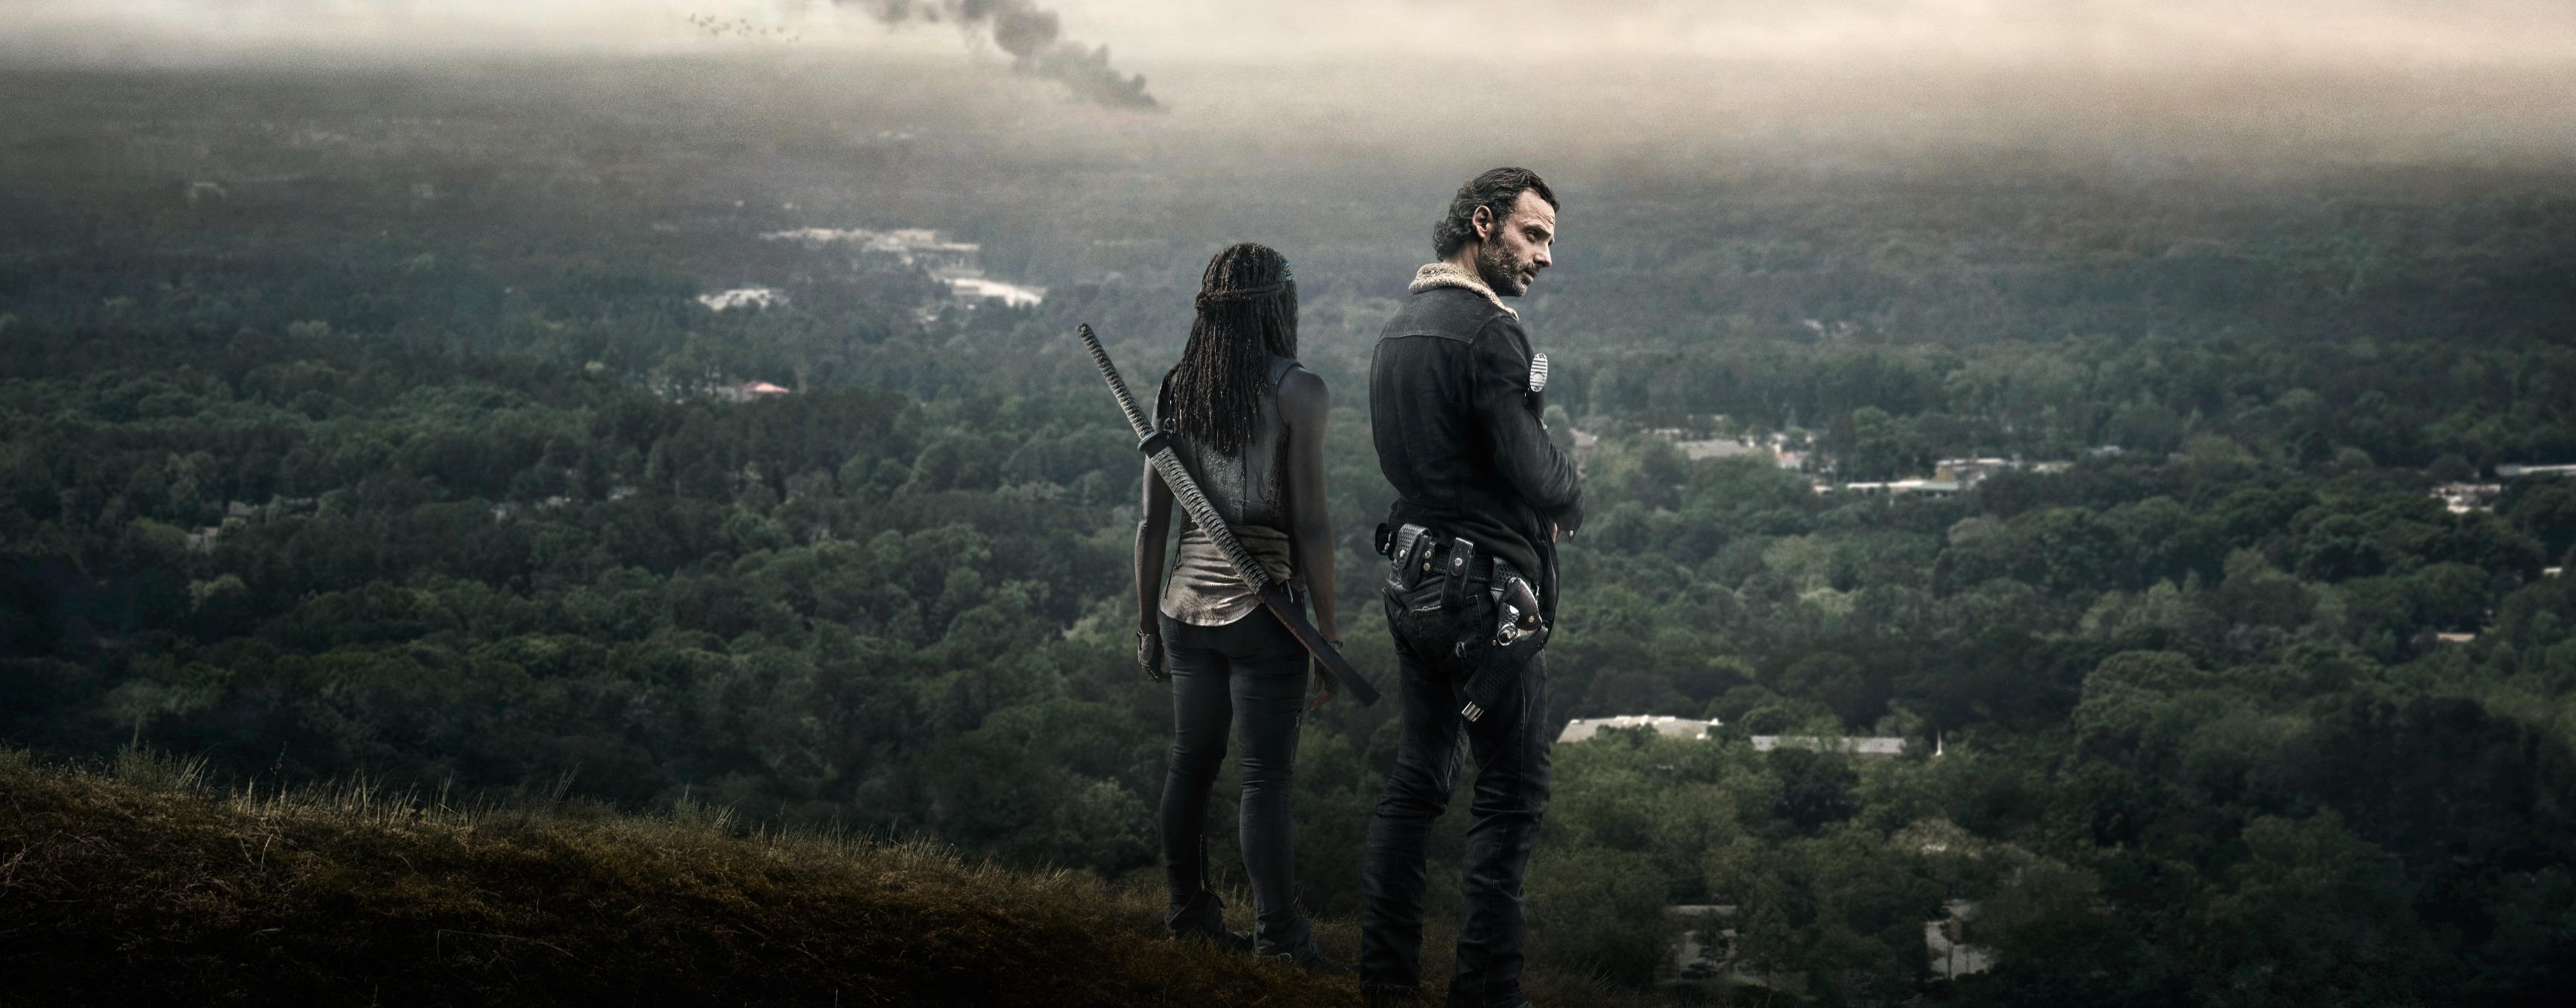 The Walking Dead, Season 6 © Gene Page/AMC